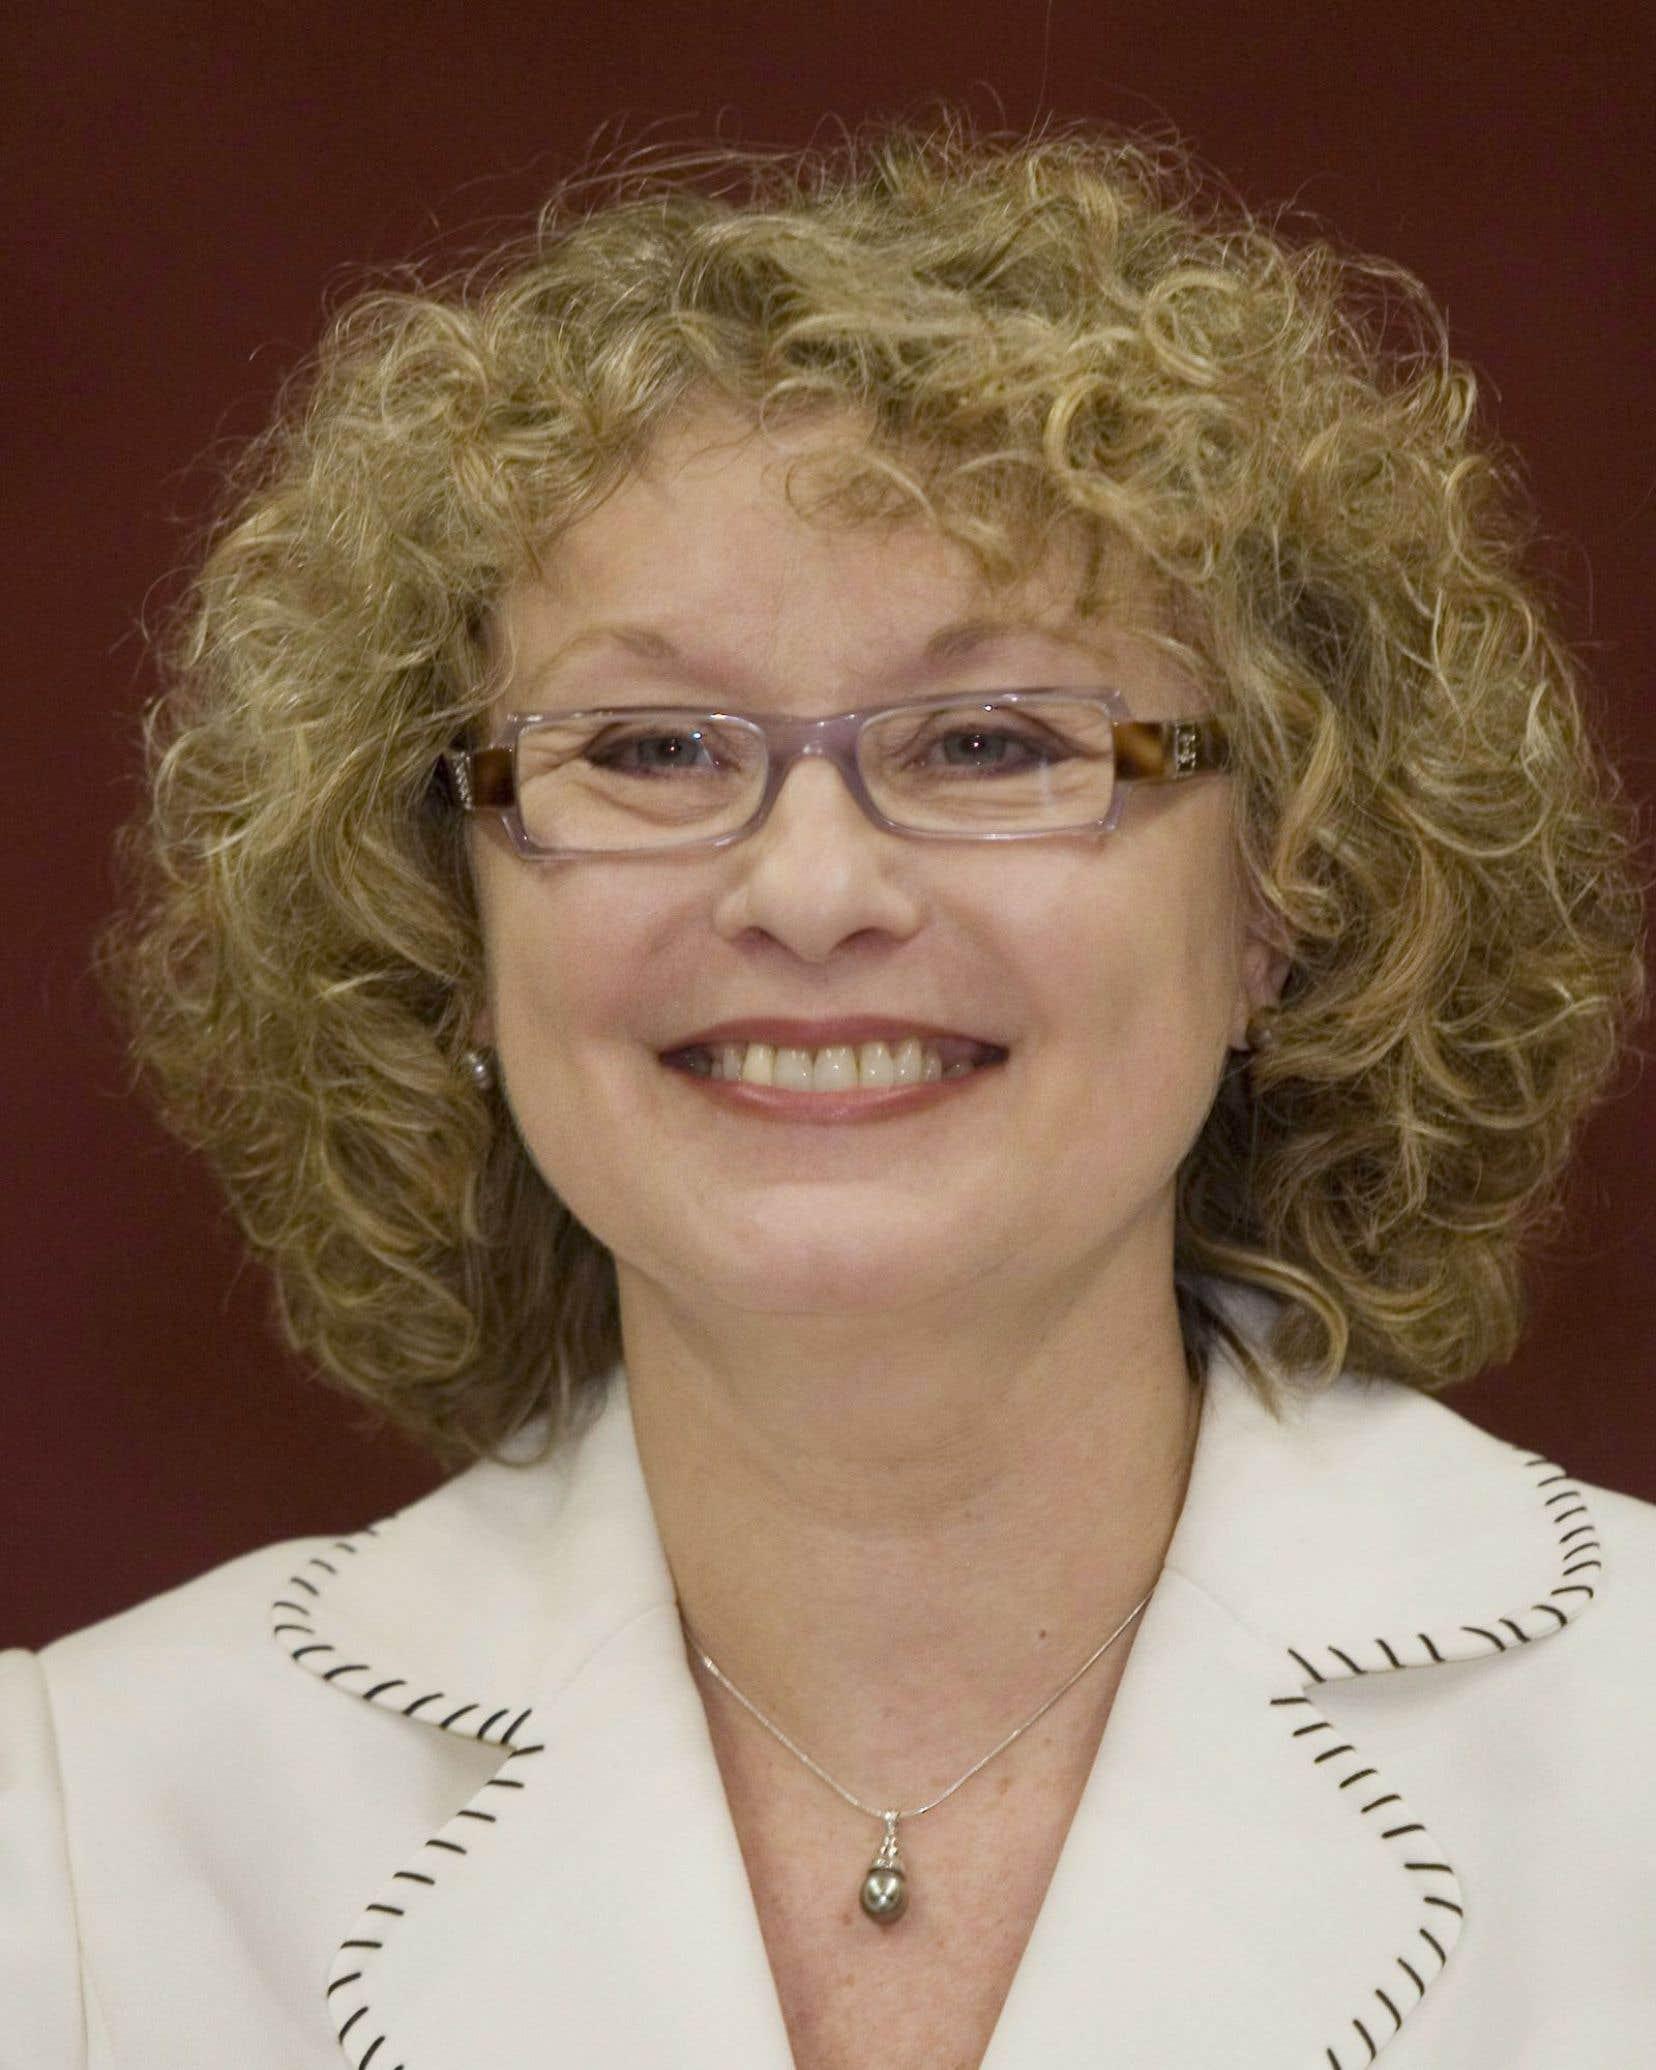 Marguerite Blais est députée de la circonscription Saint-Henri– Sainte-Anne, à Montréal.